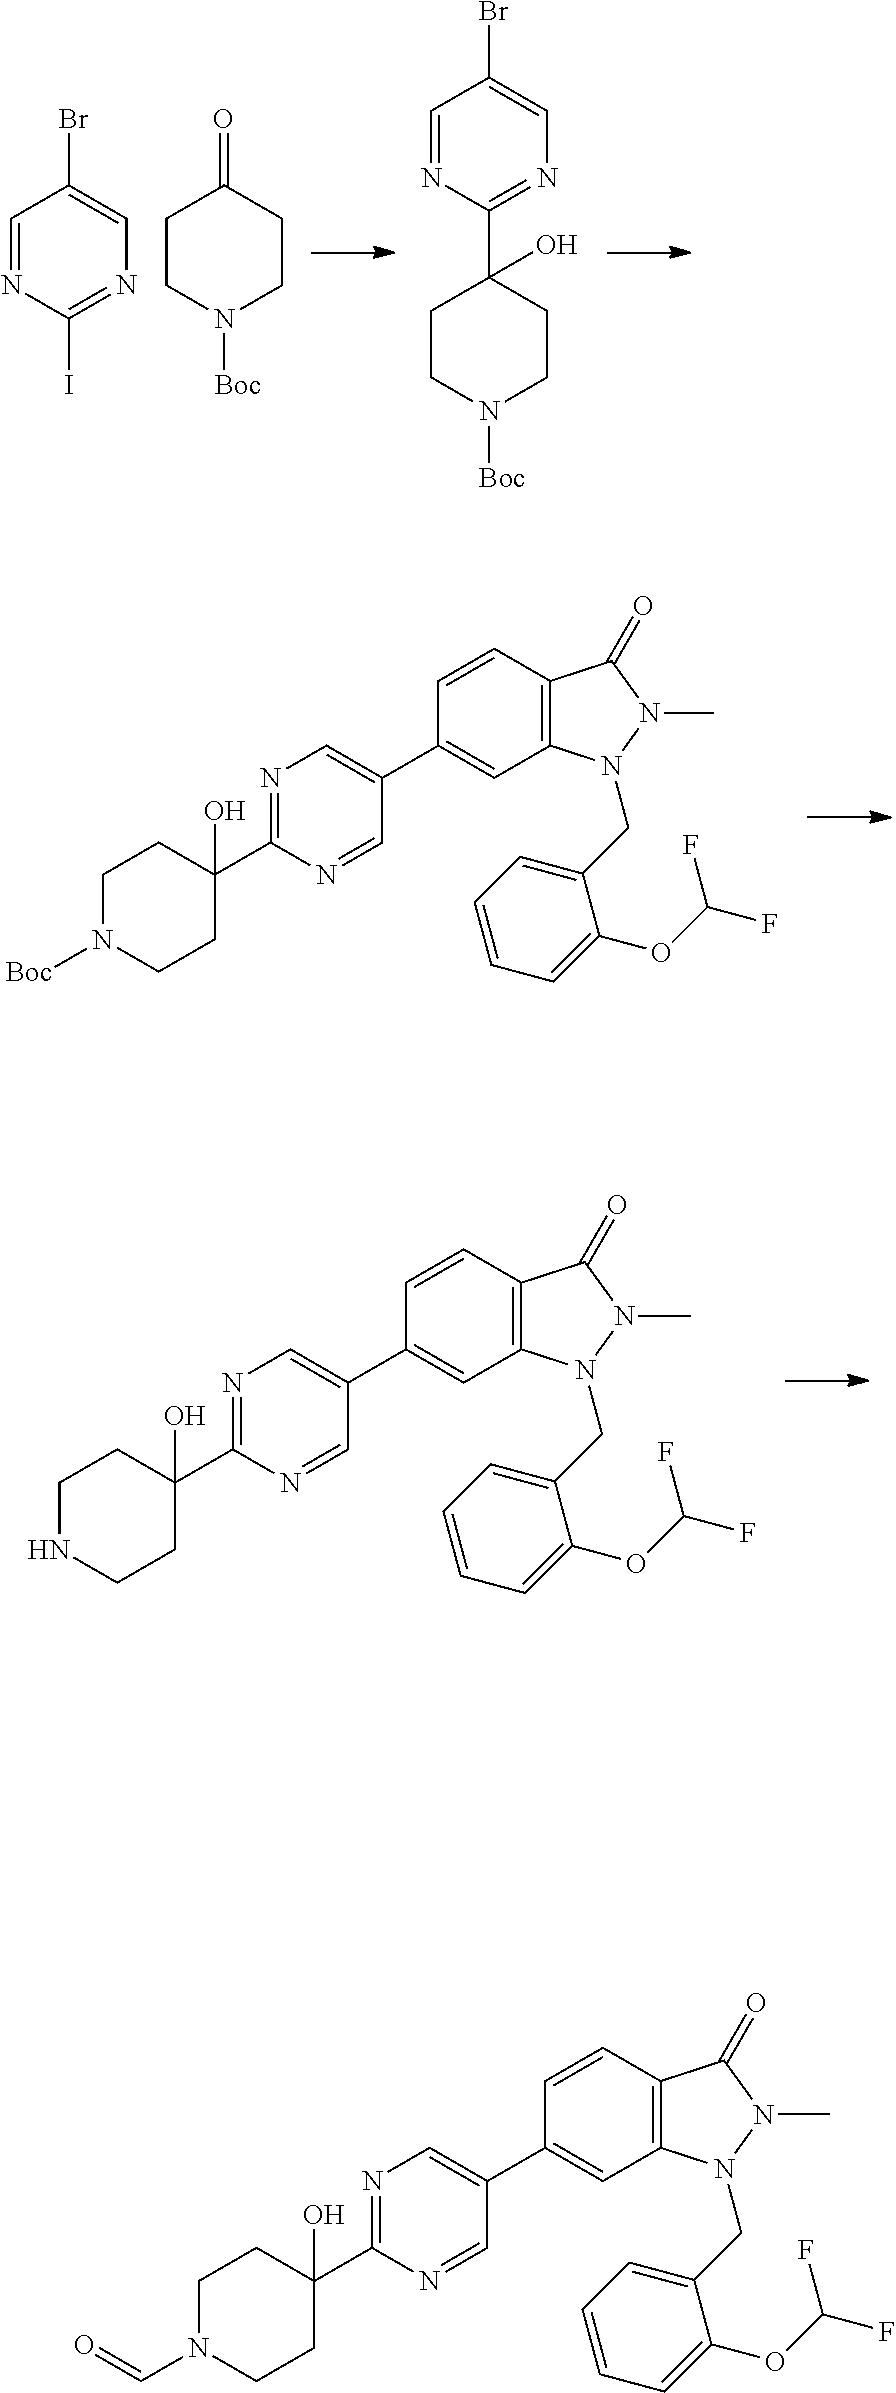 Figure US10160748-20181225-C00229